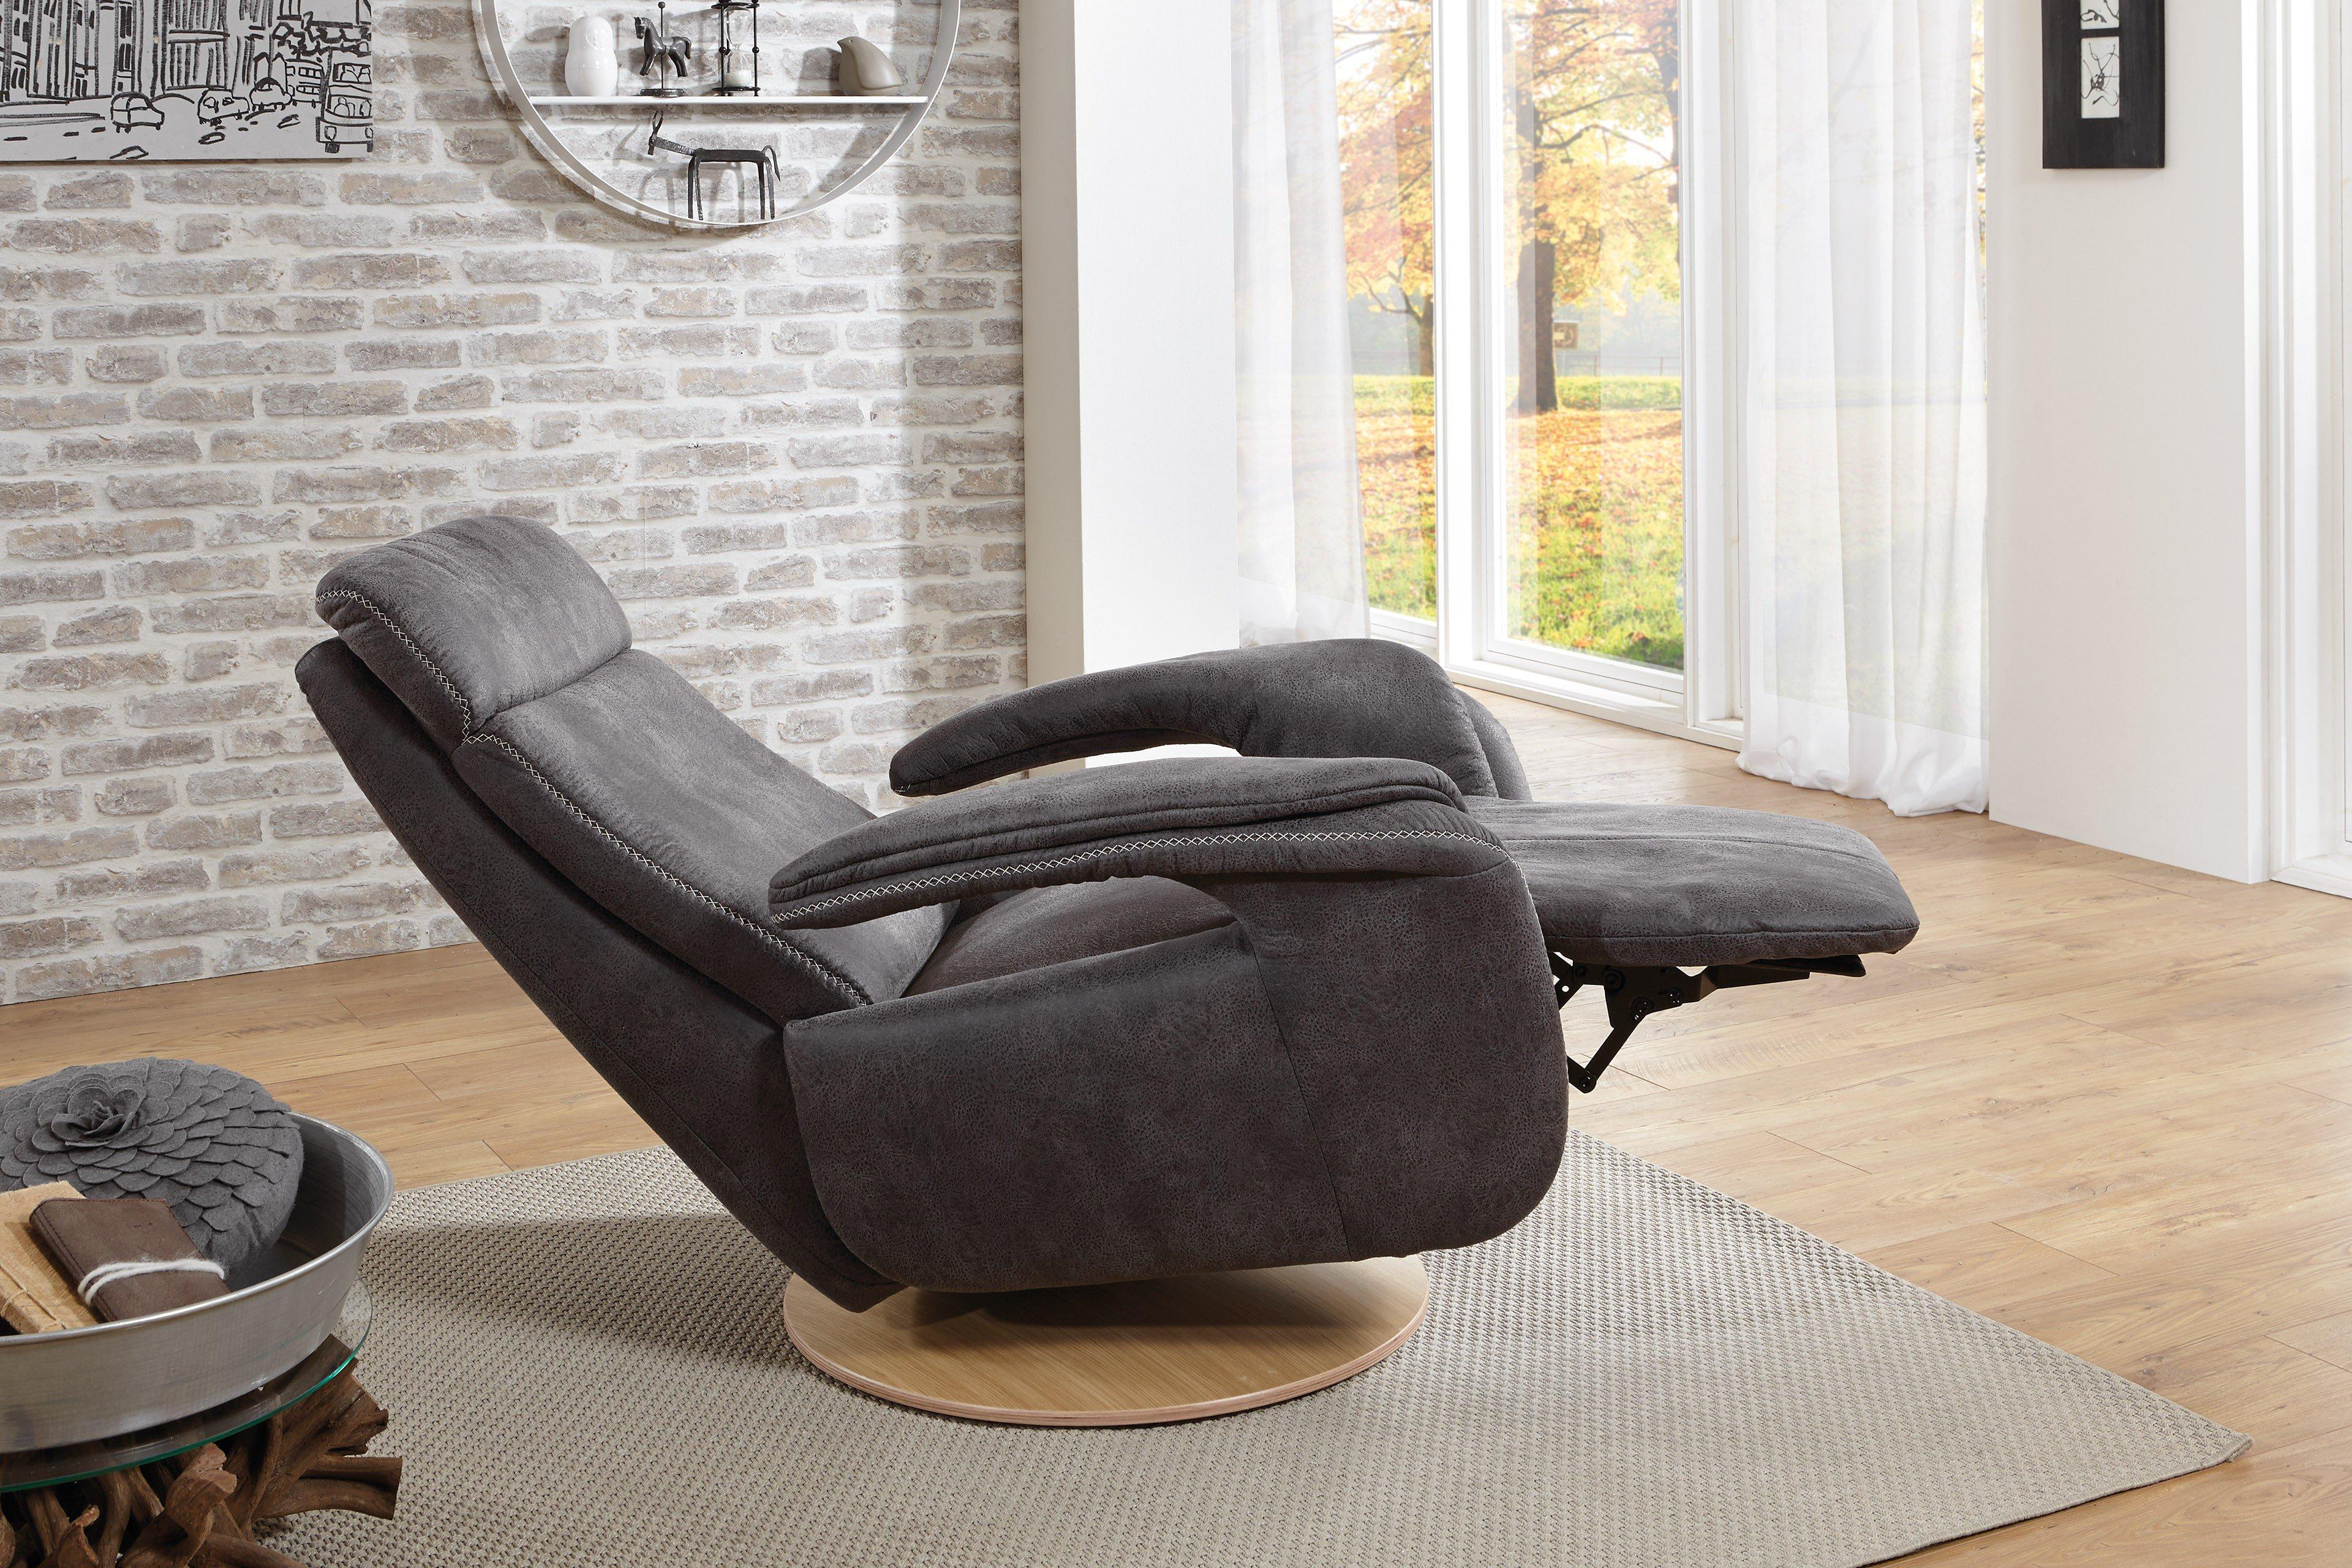 Gesundheitssessel Fernsehsessel zehdenick intro s relaxsessel grau möbel letz ihr shop